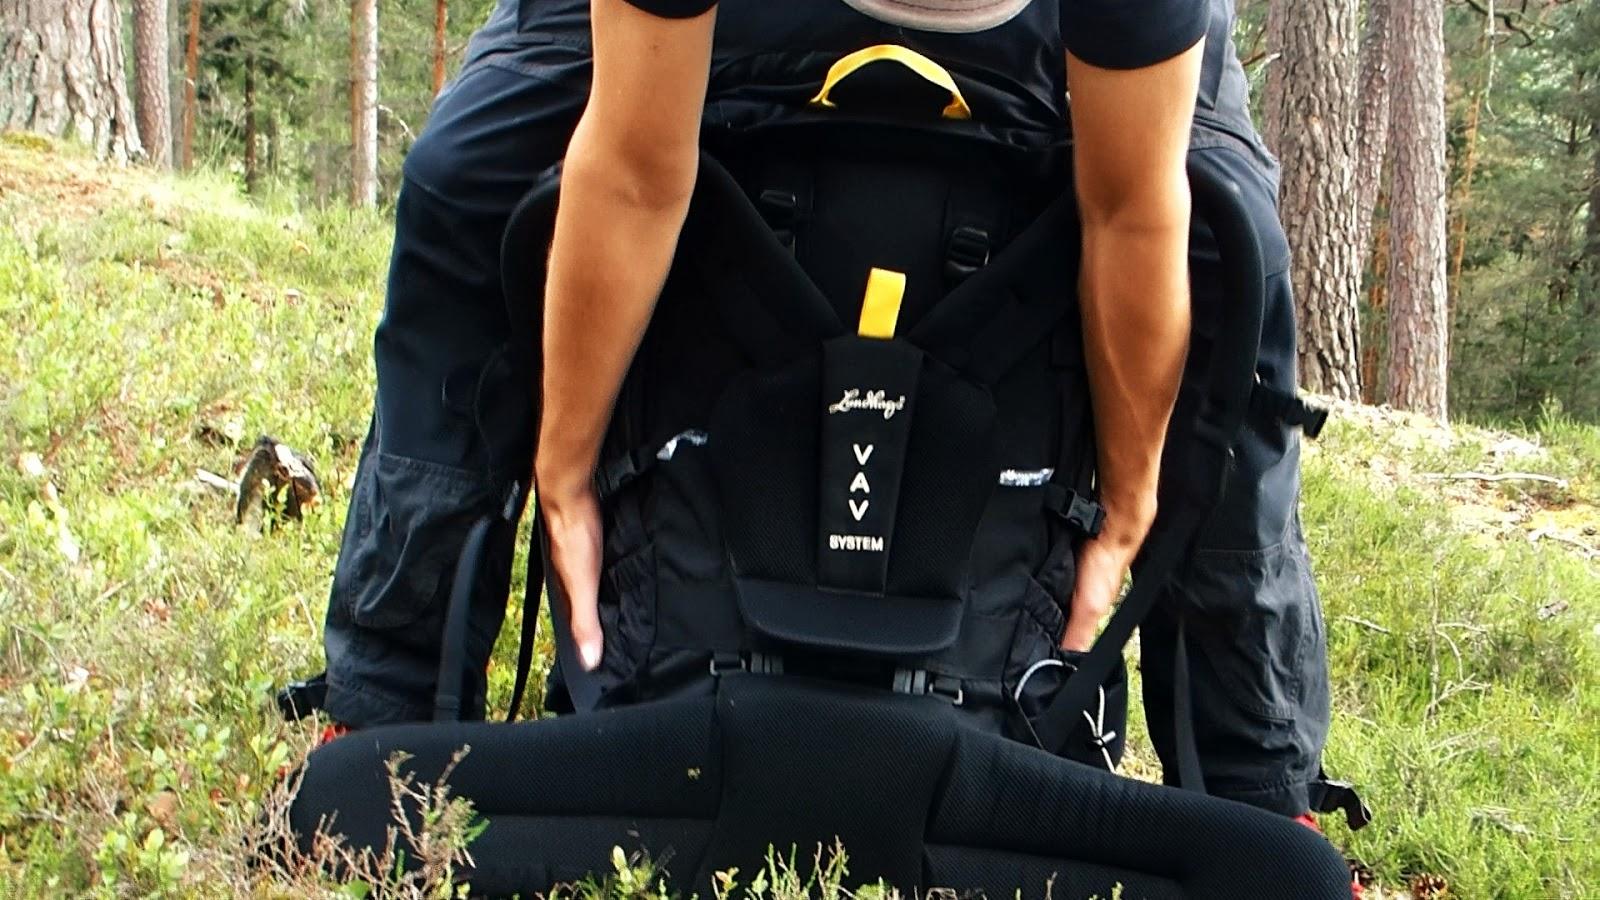 Hur du tar på en stor och tung ryggsäck smidigt!